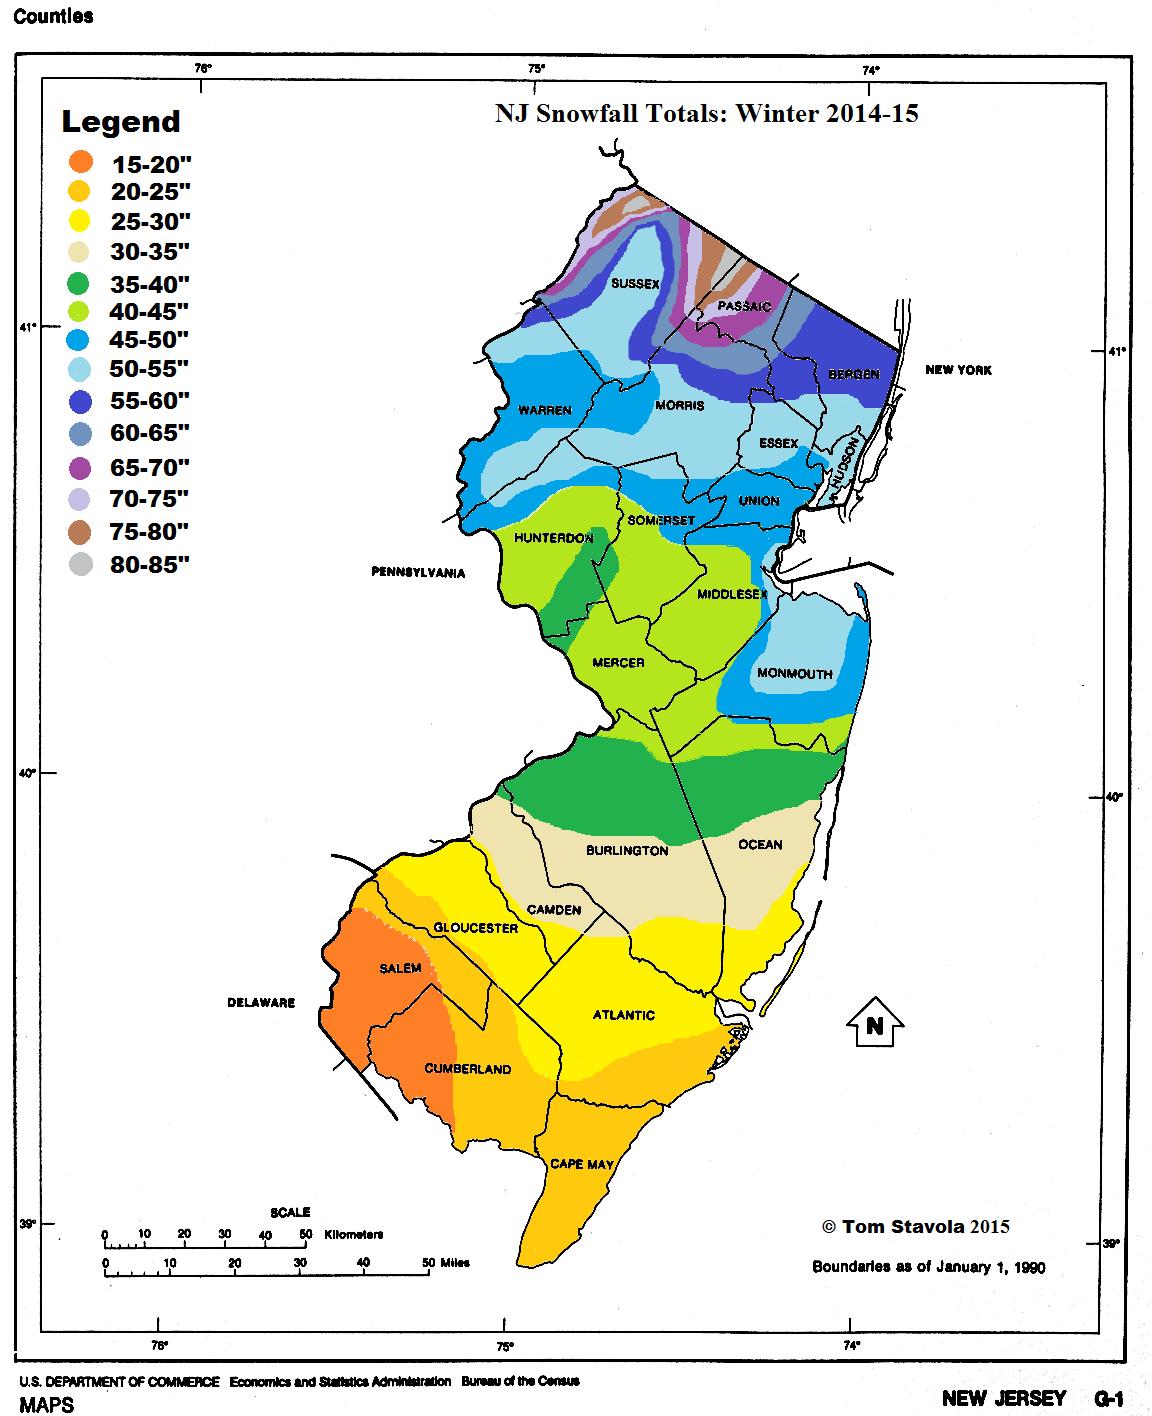 NJ Snowfall Totals 2014-15